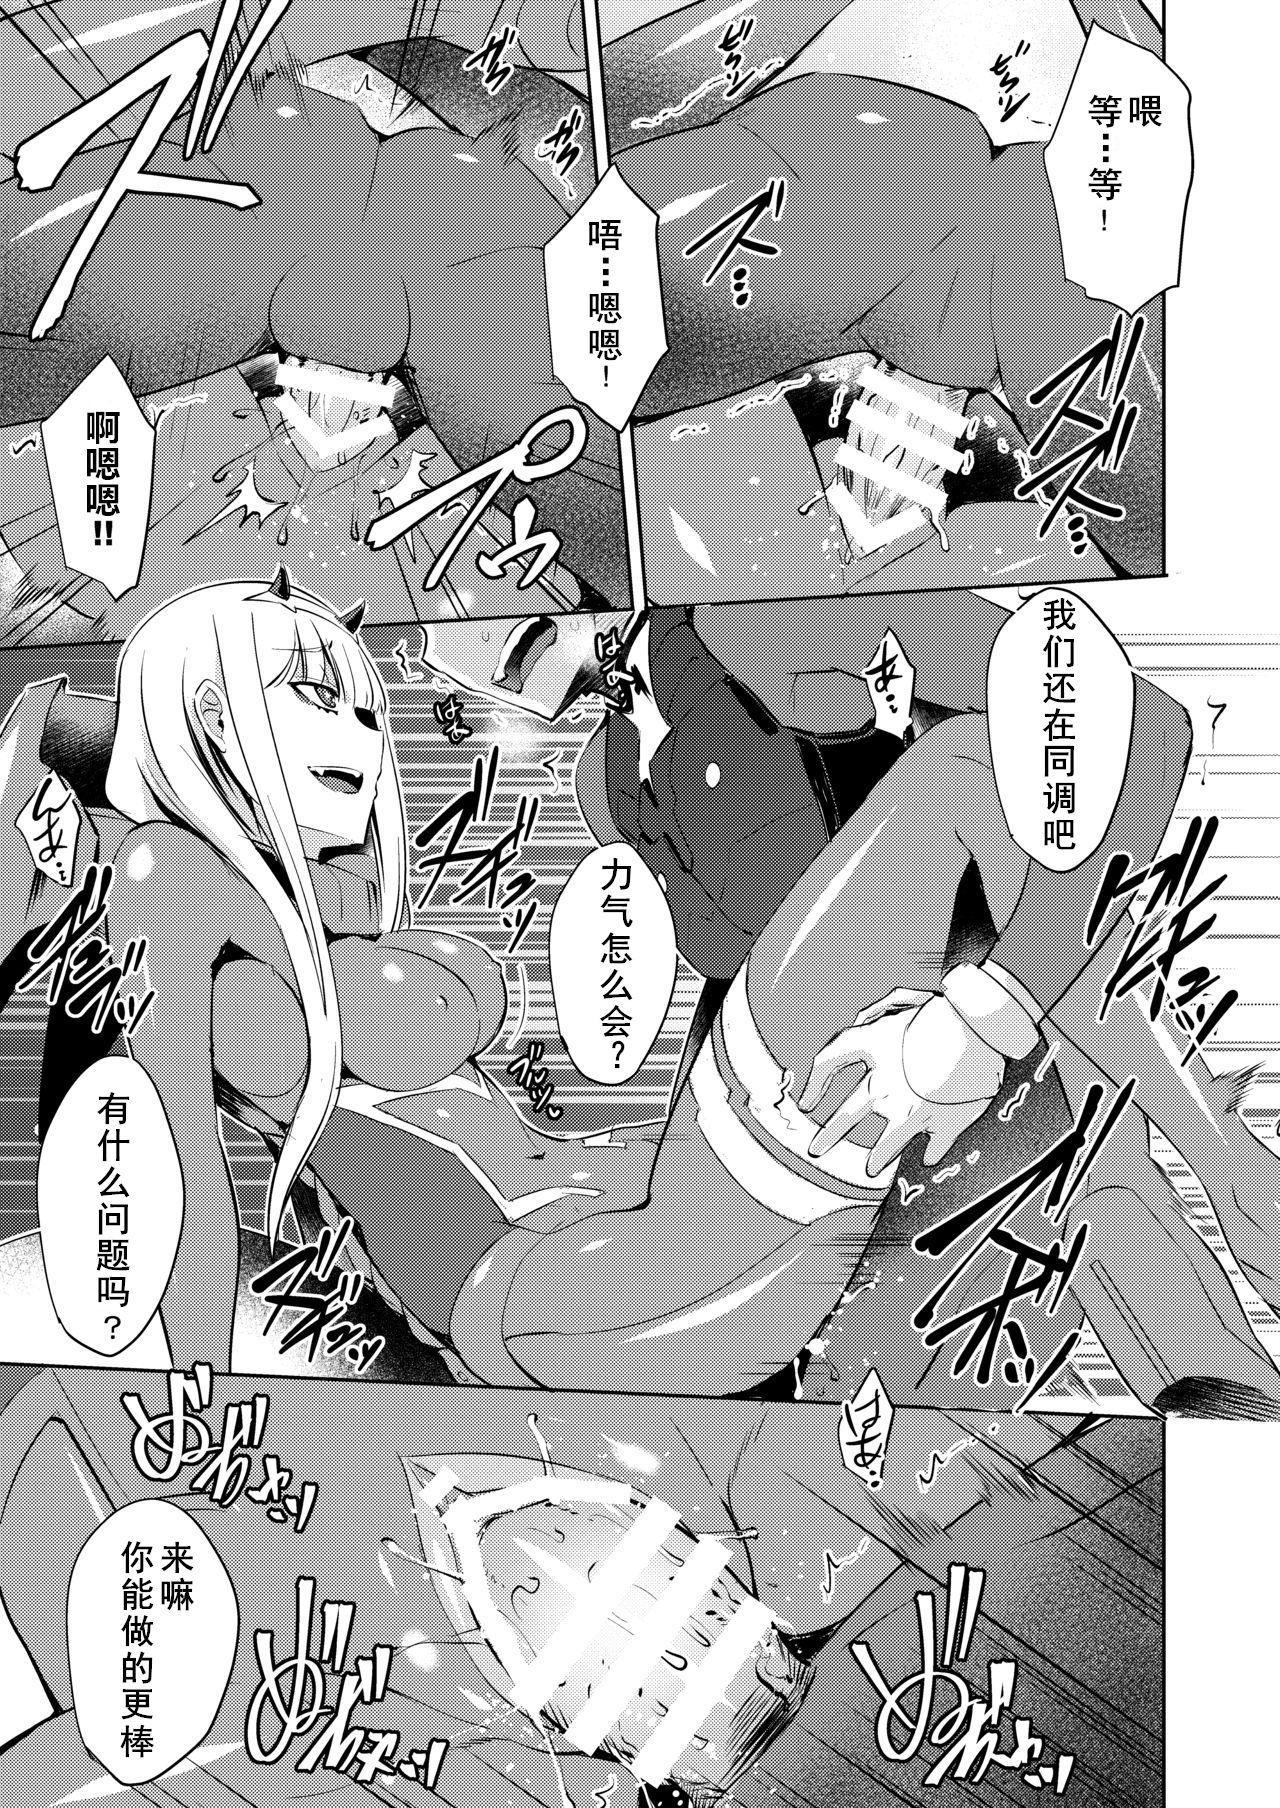 Mitsuru in the Zero Two 12